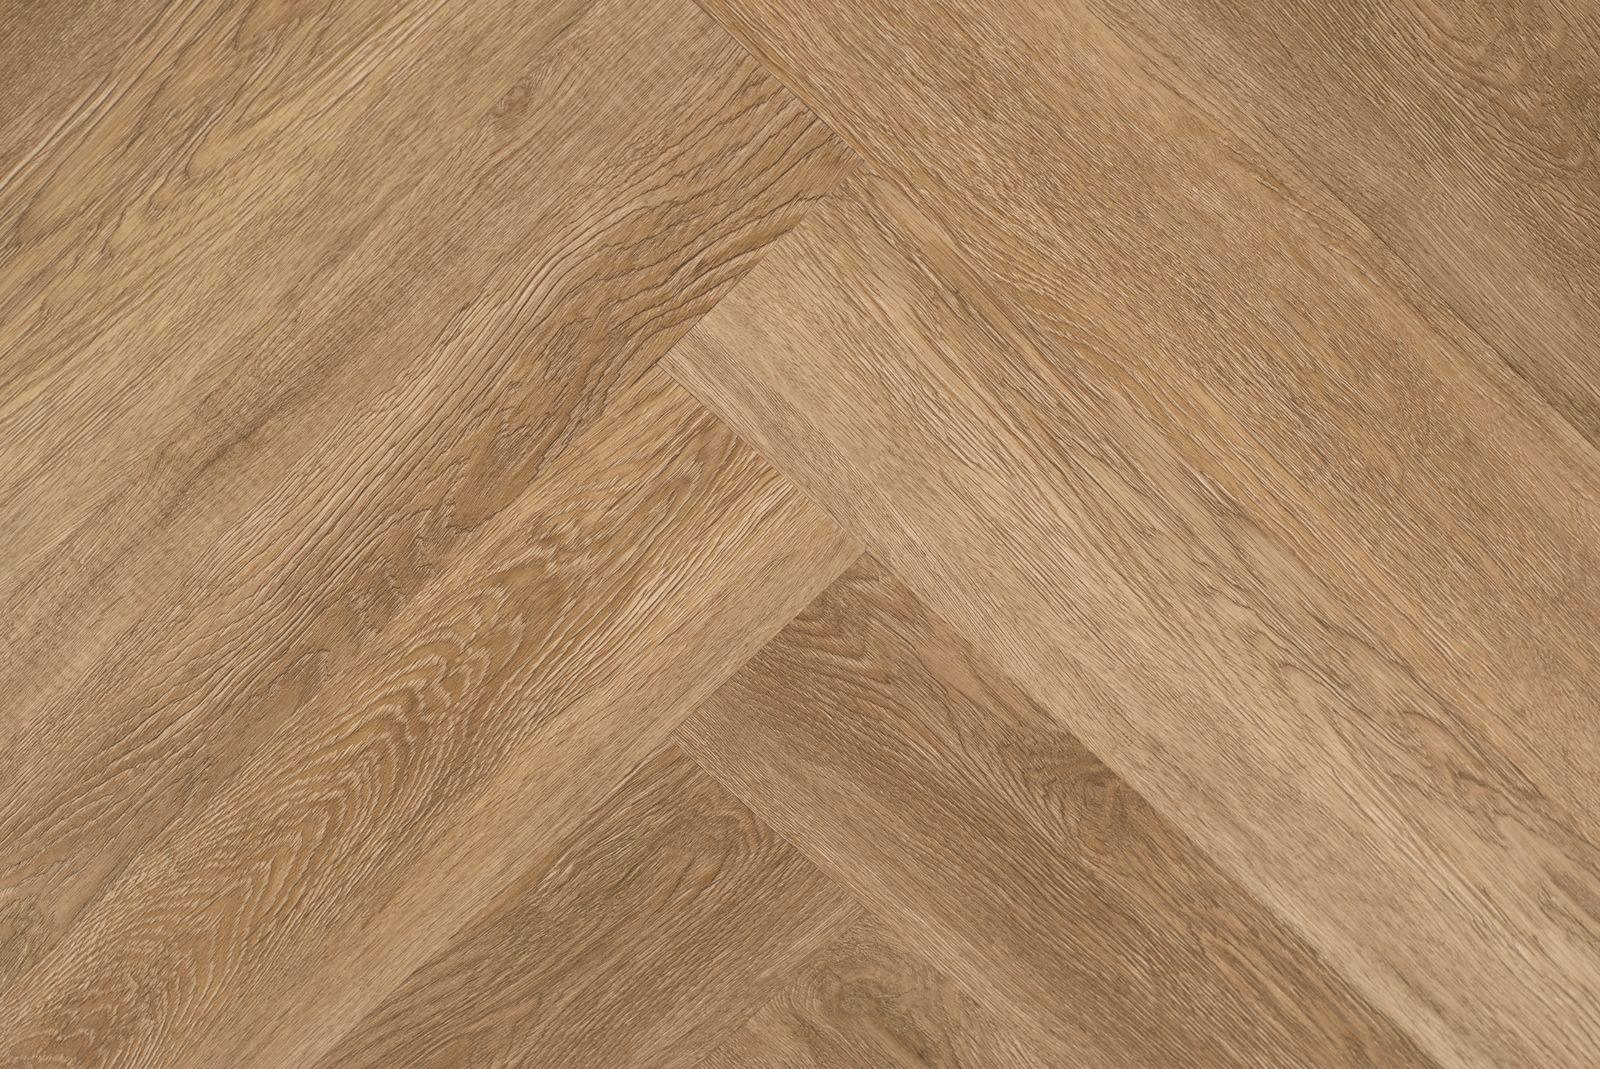 Pvc Visgraat Leggen : Floer visgraat pvc patroon vloeren warmbruin eiken cm